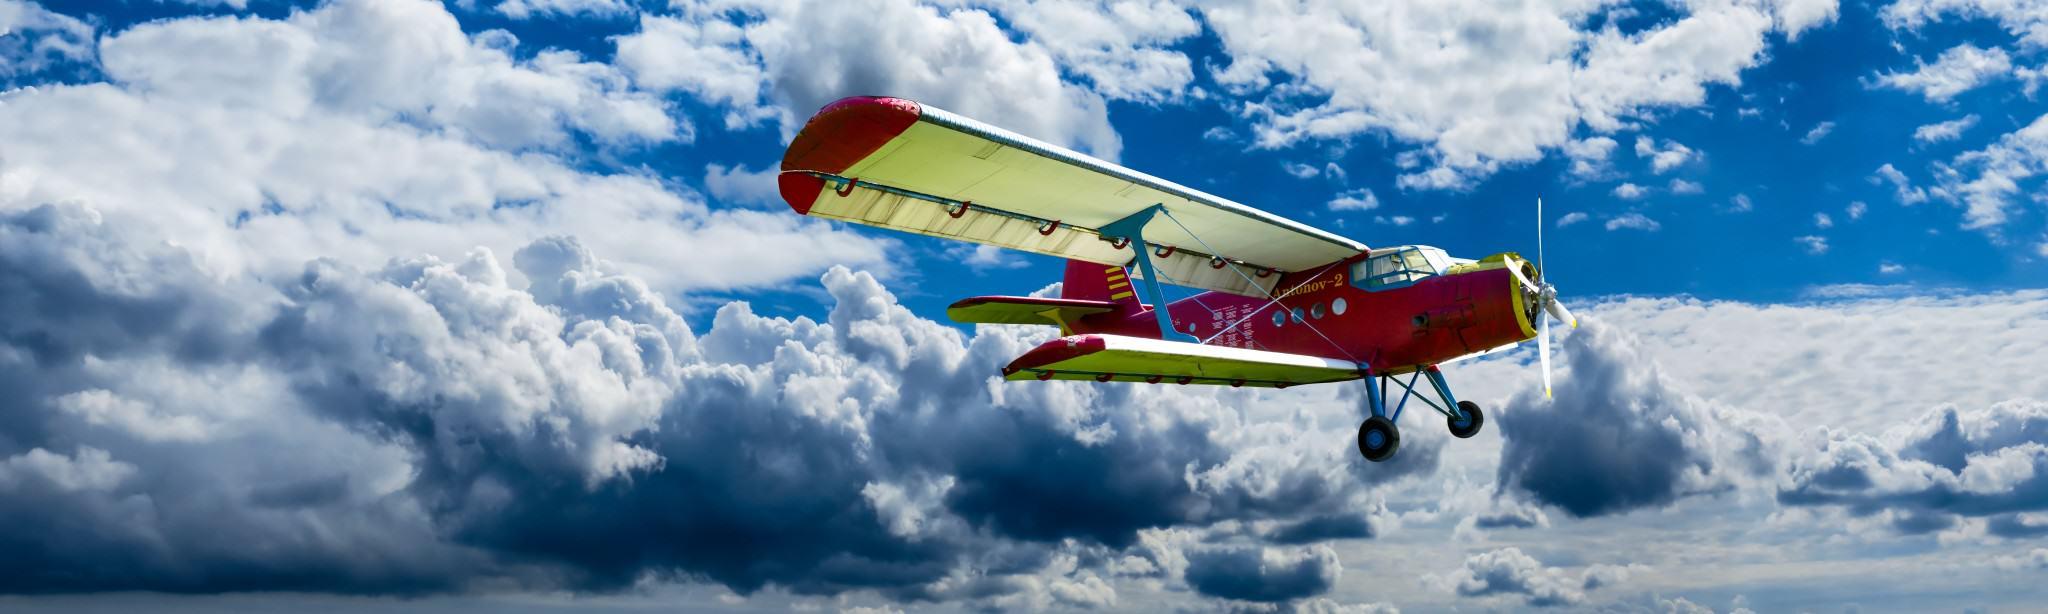 aircraft-1499171